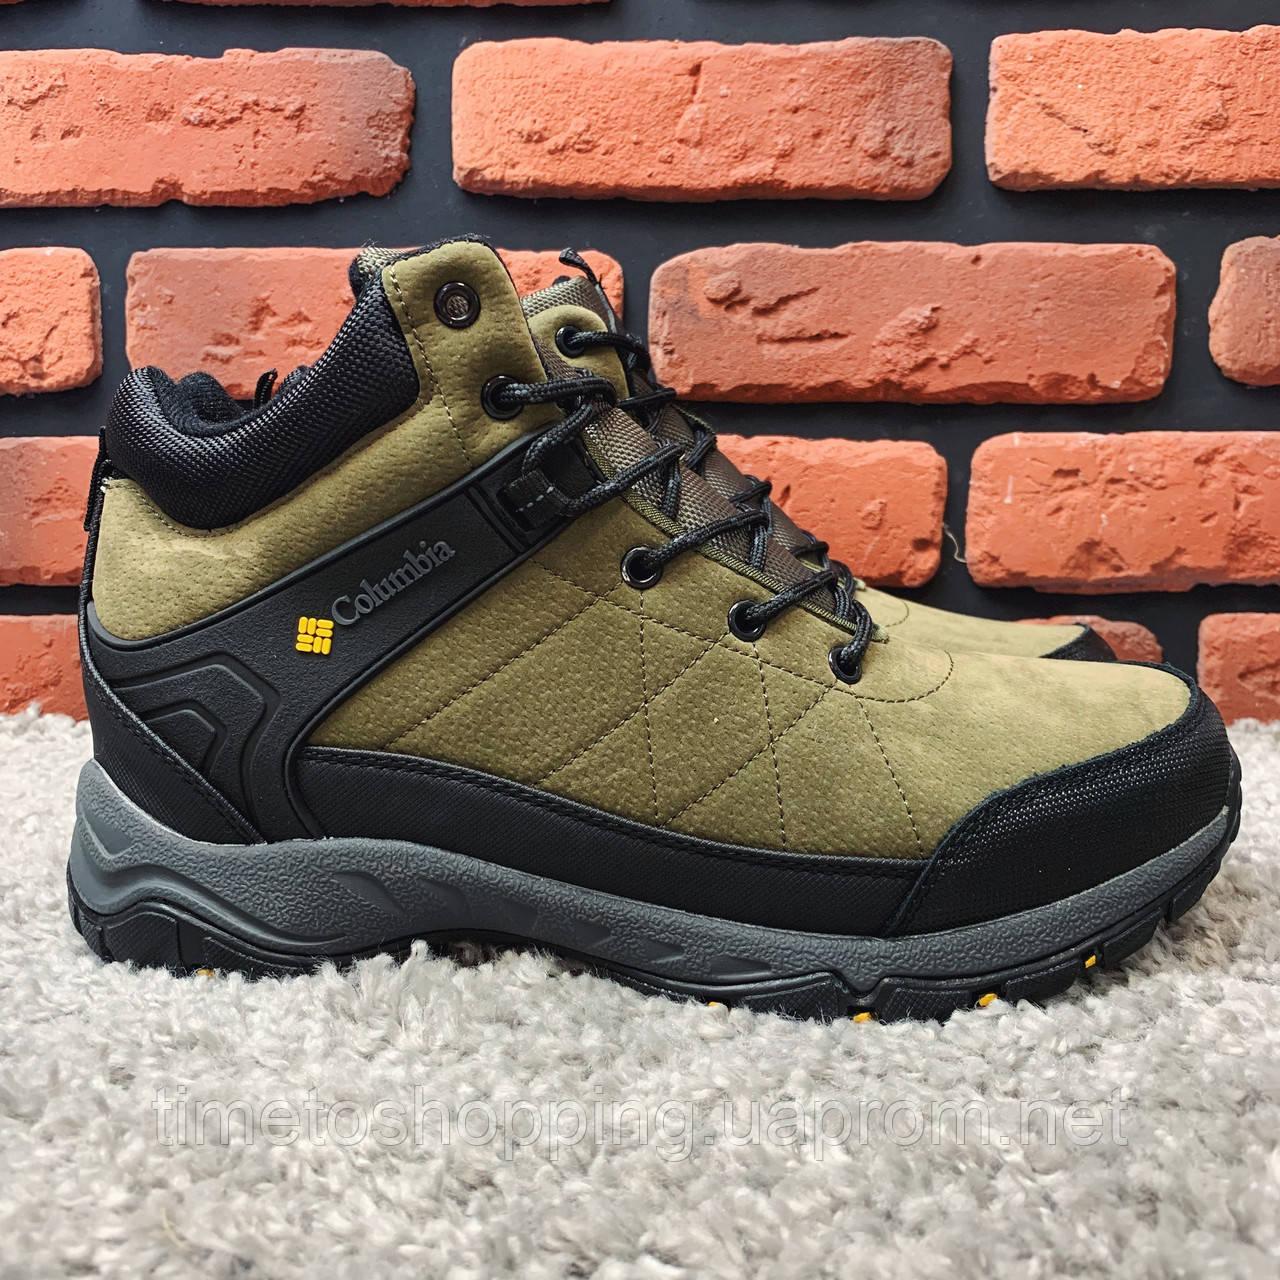 Зимние ботинки (на меху) мужские Columbia 12-136 ⏩ [ 41]